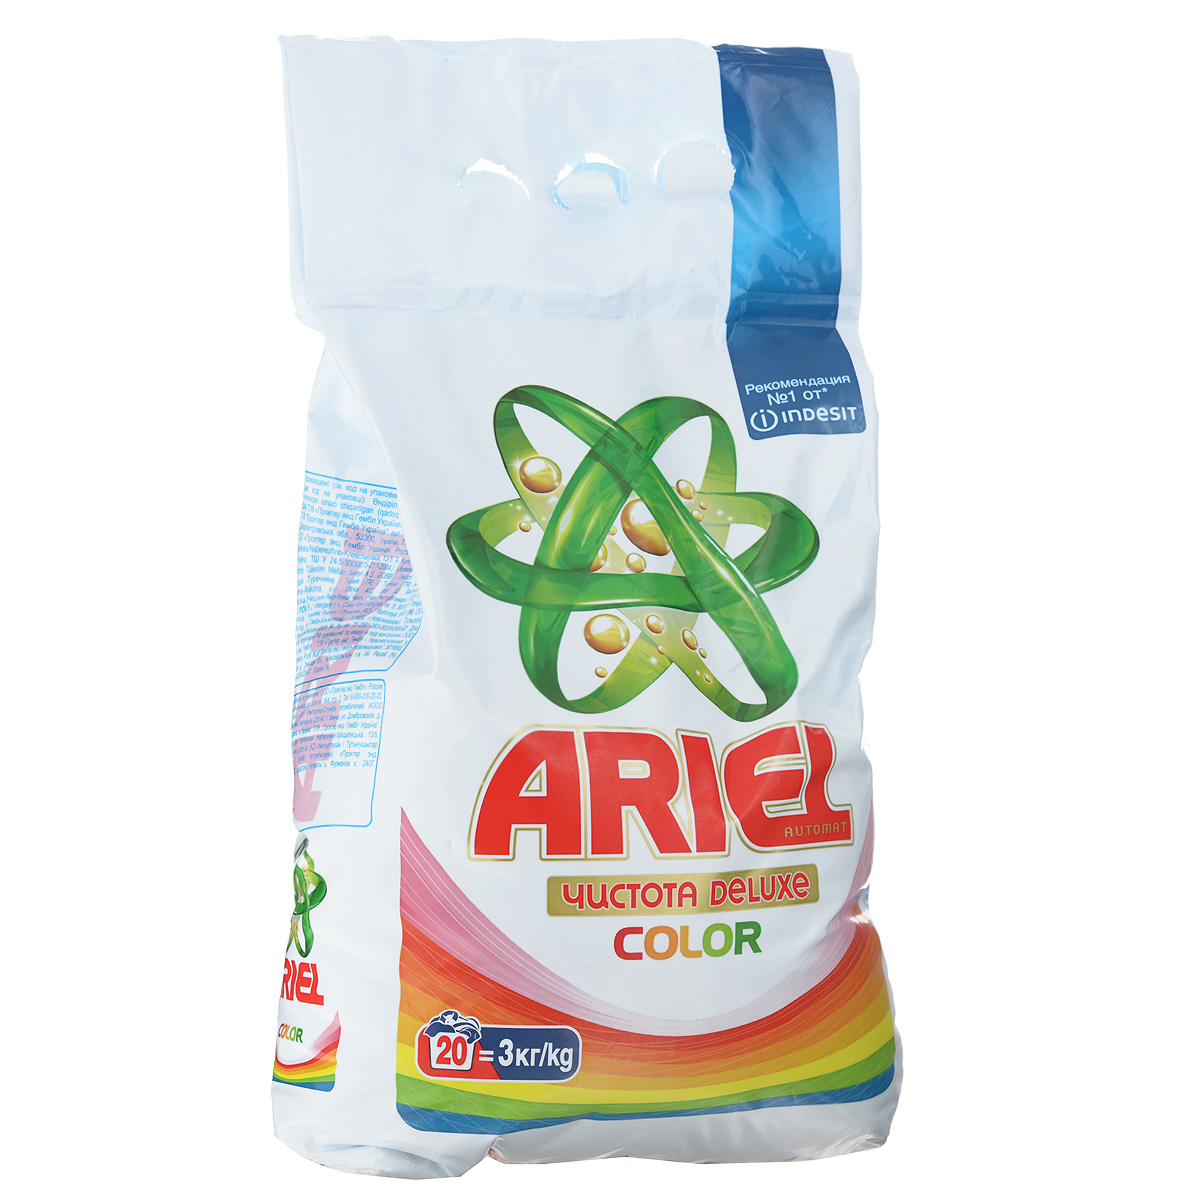 Порошок стиральный Ariel Color, для цветных вещей, автомат, 3 кг стиральный порошок сарма невская косметика 2400гр